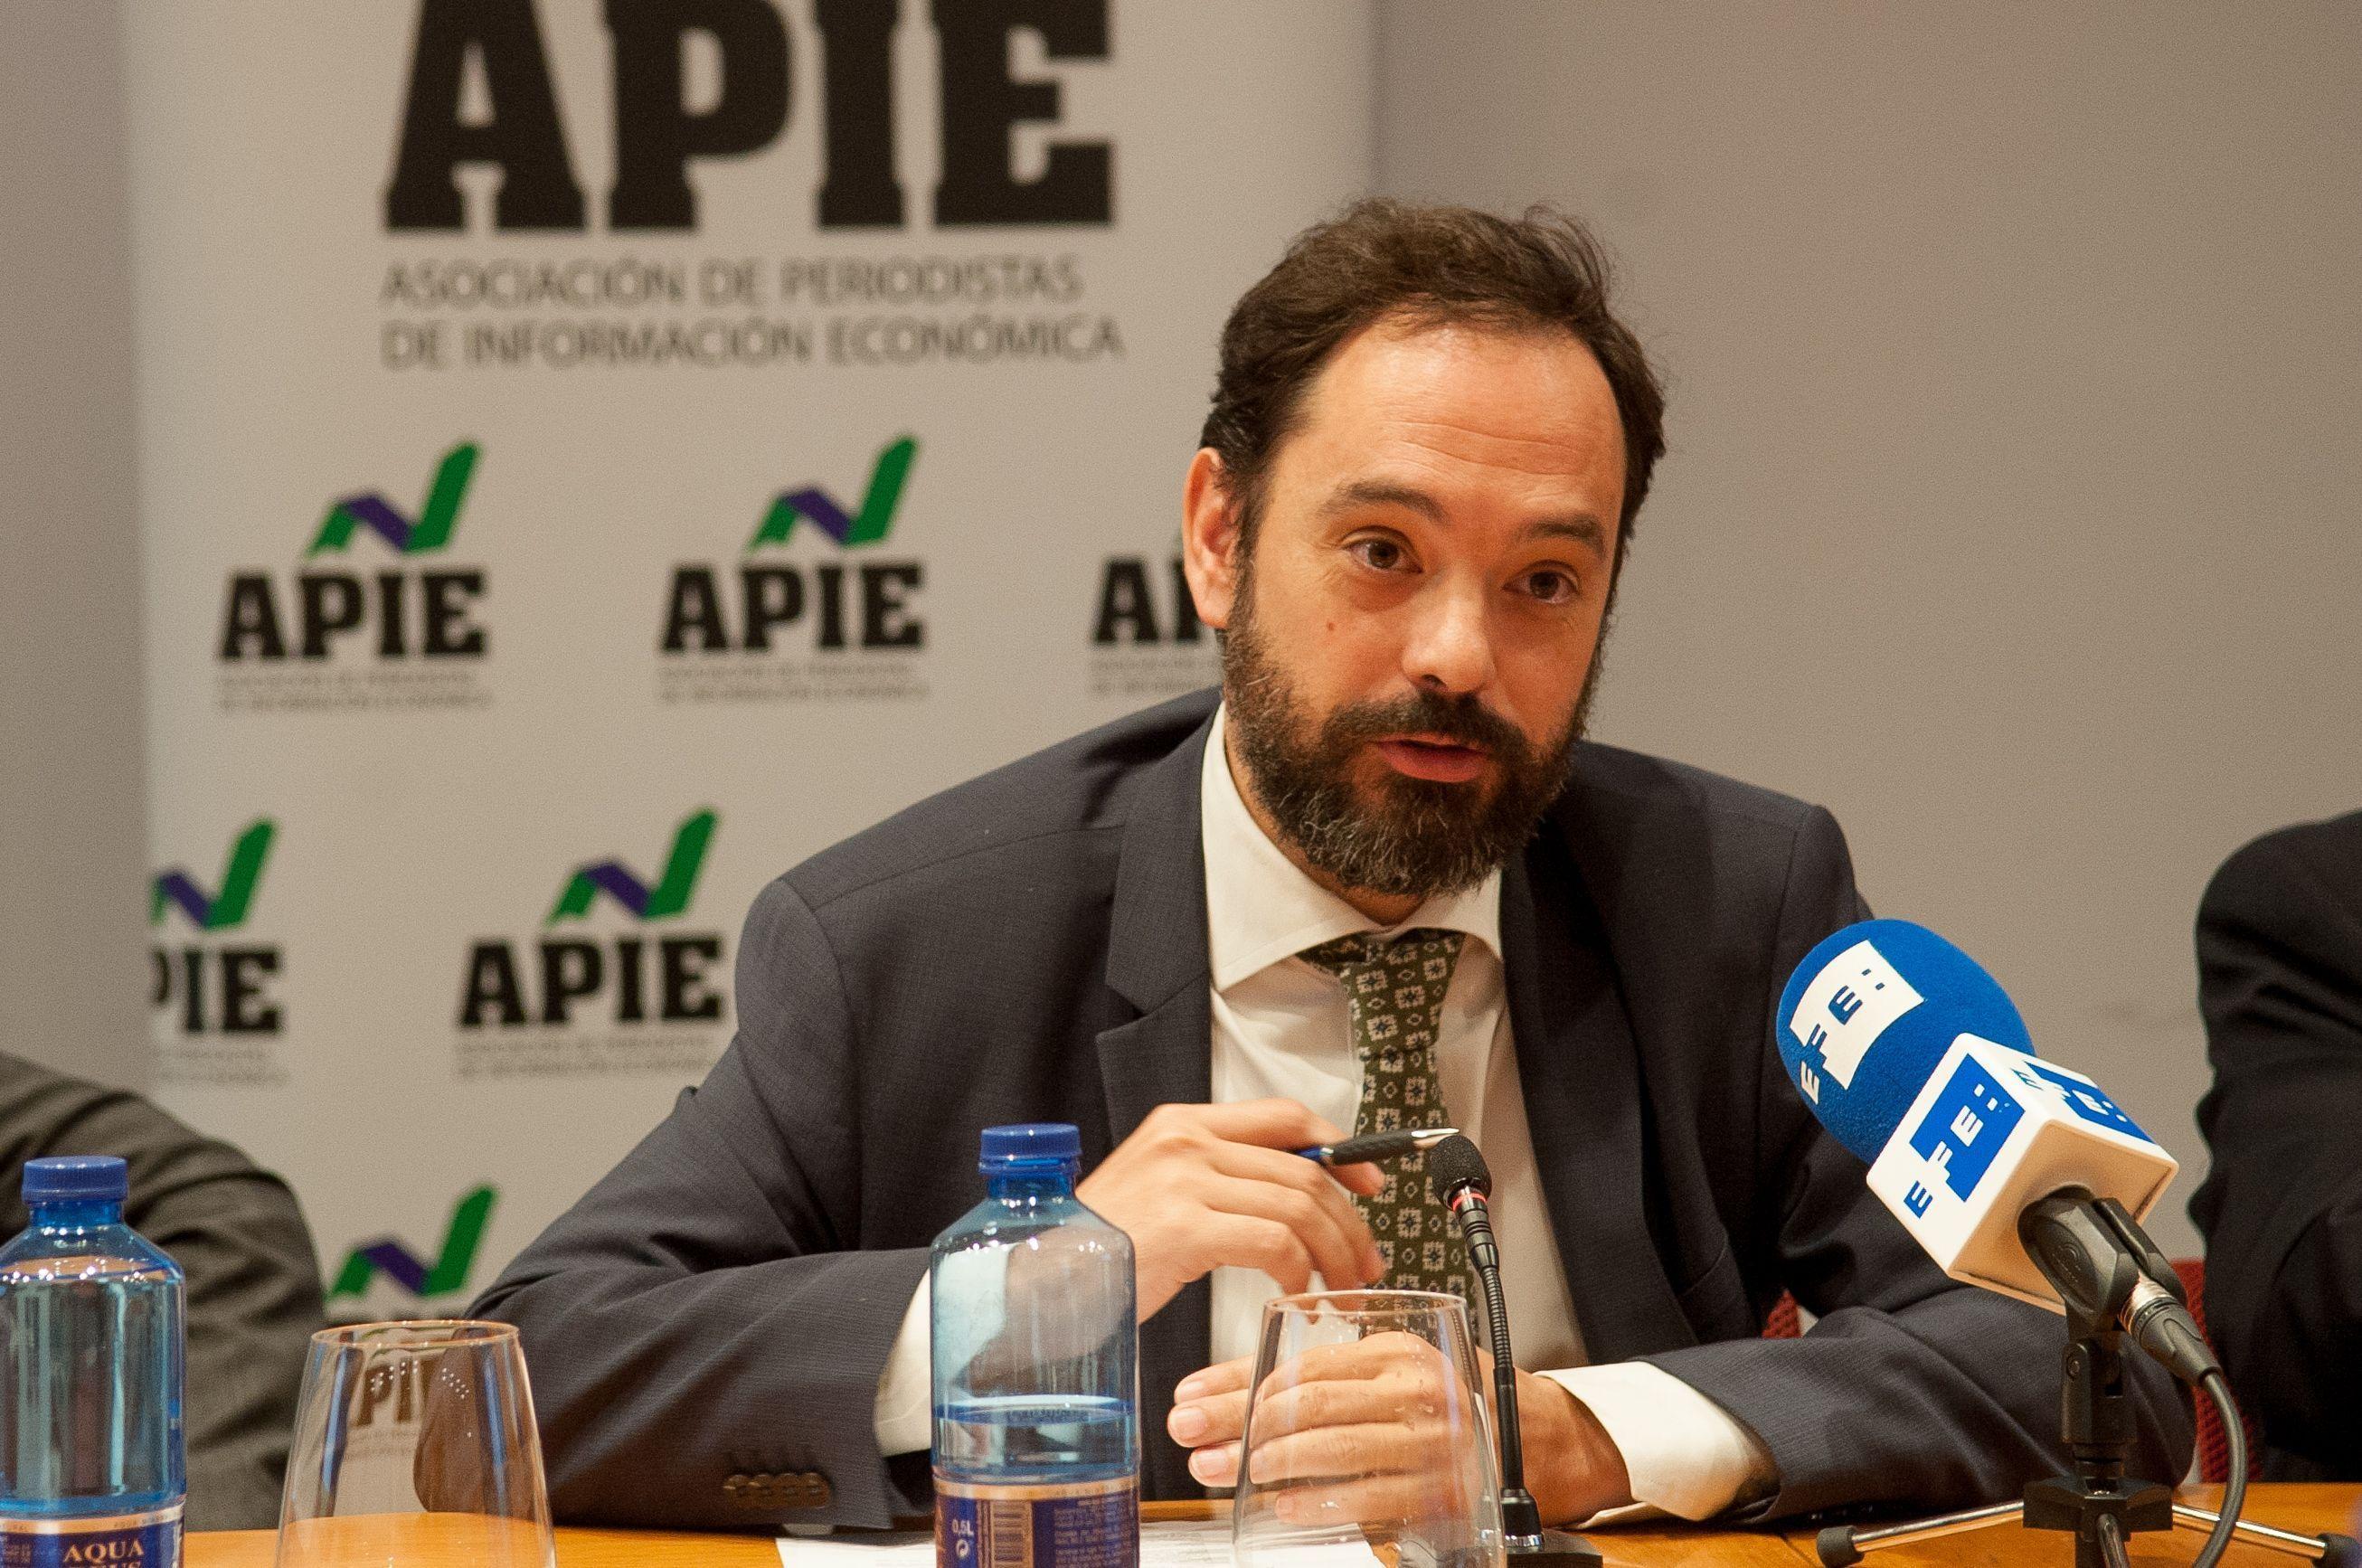 Pedro González, director de Regulación de la Asociación Española de la Industria Eléctrica (UNESA) durante su intervención en la jornada del Curso de Economía de APIE dedicada al sector energético.